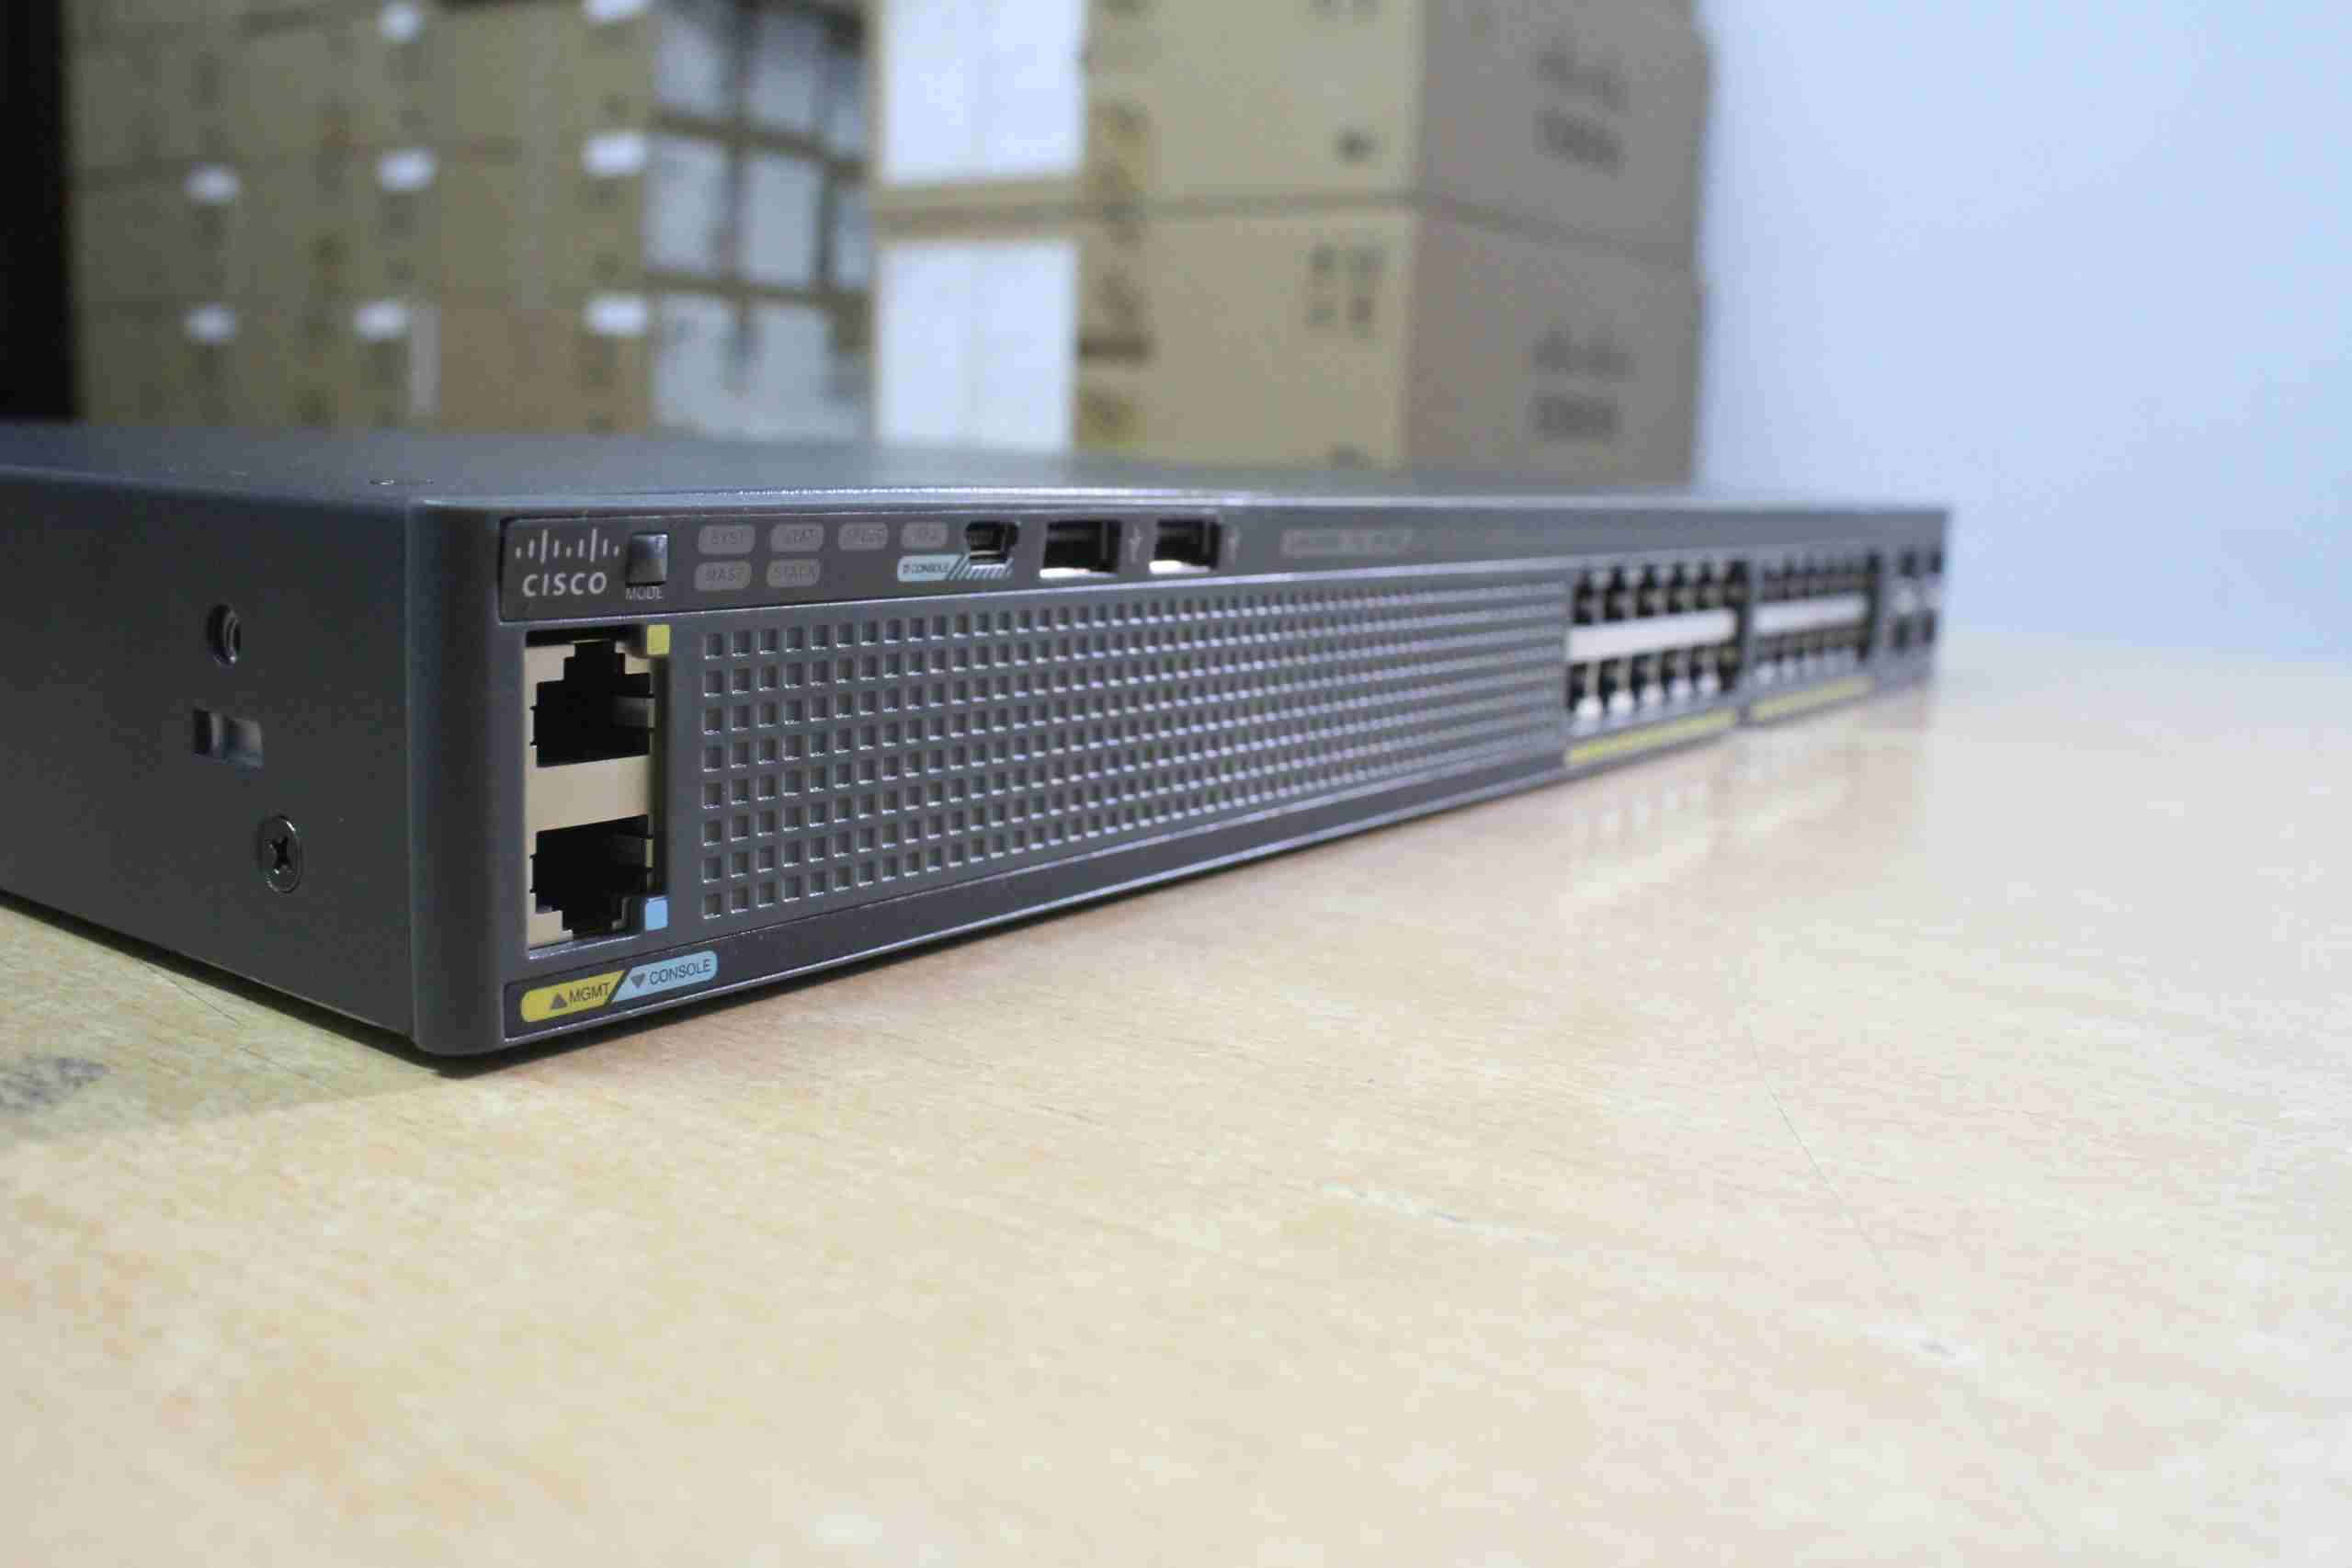 Phân phối cisco switch 2960 24 port gigabit chính hãng